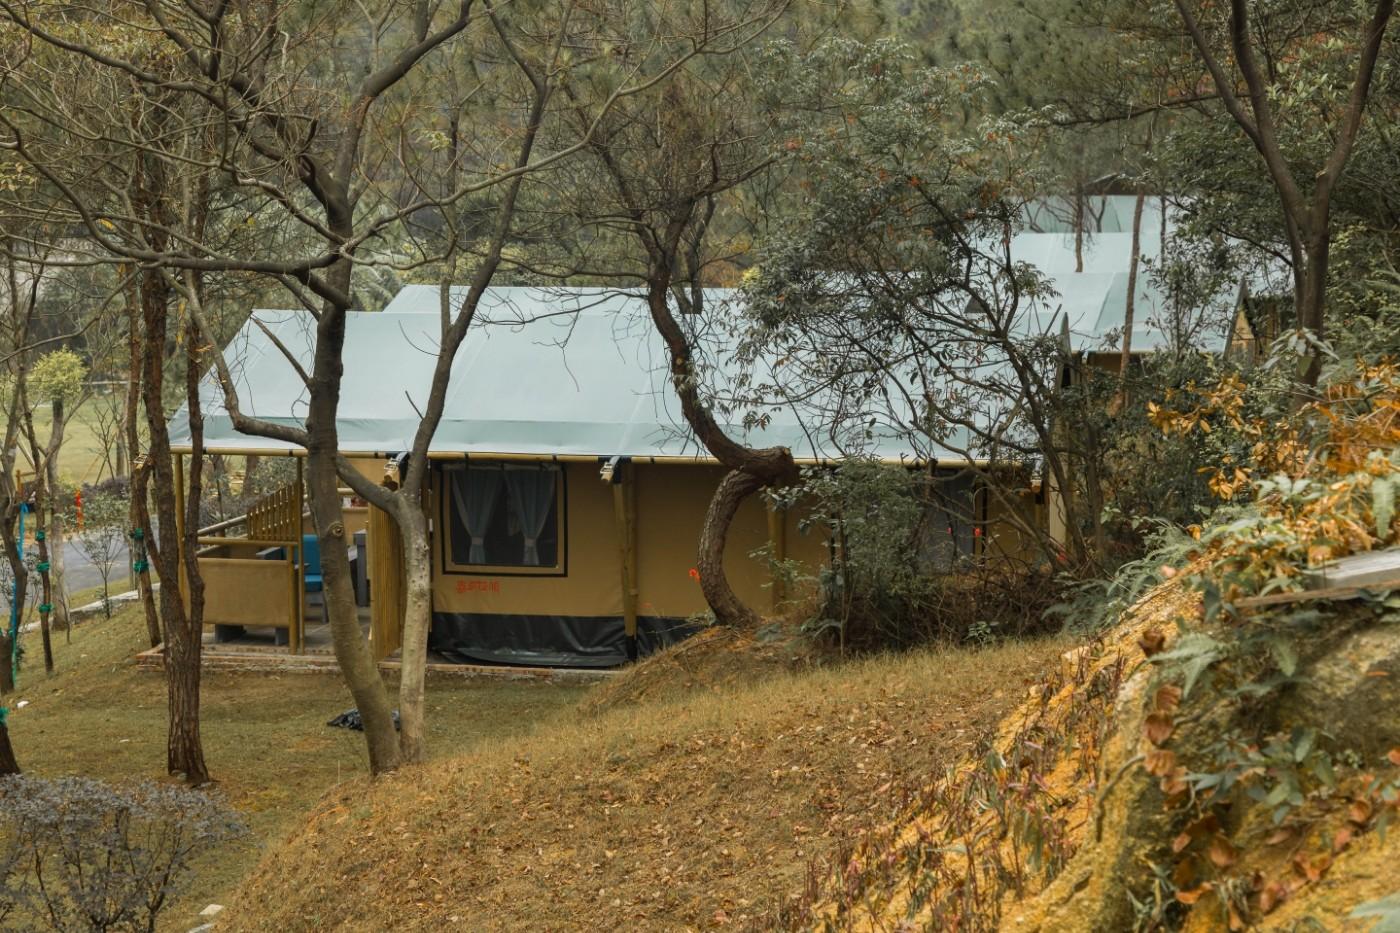 喜马拉雅野奢帐篷酒店—广州北迹露营平地帐篷酒店10